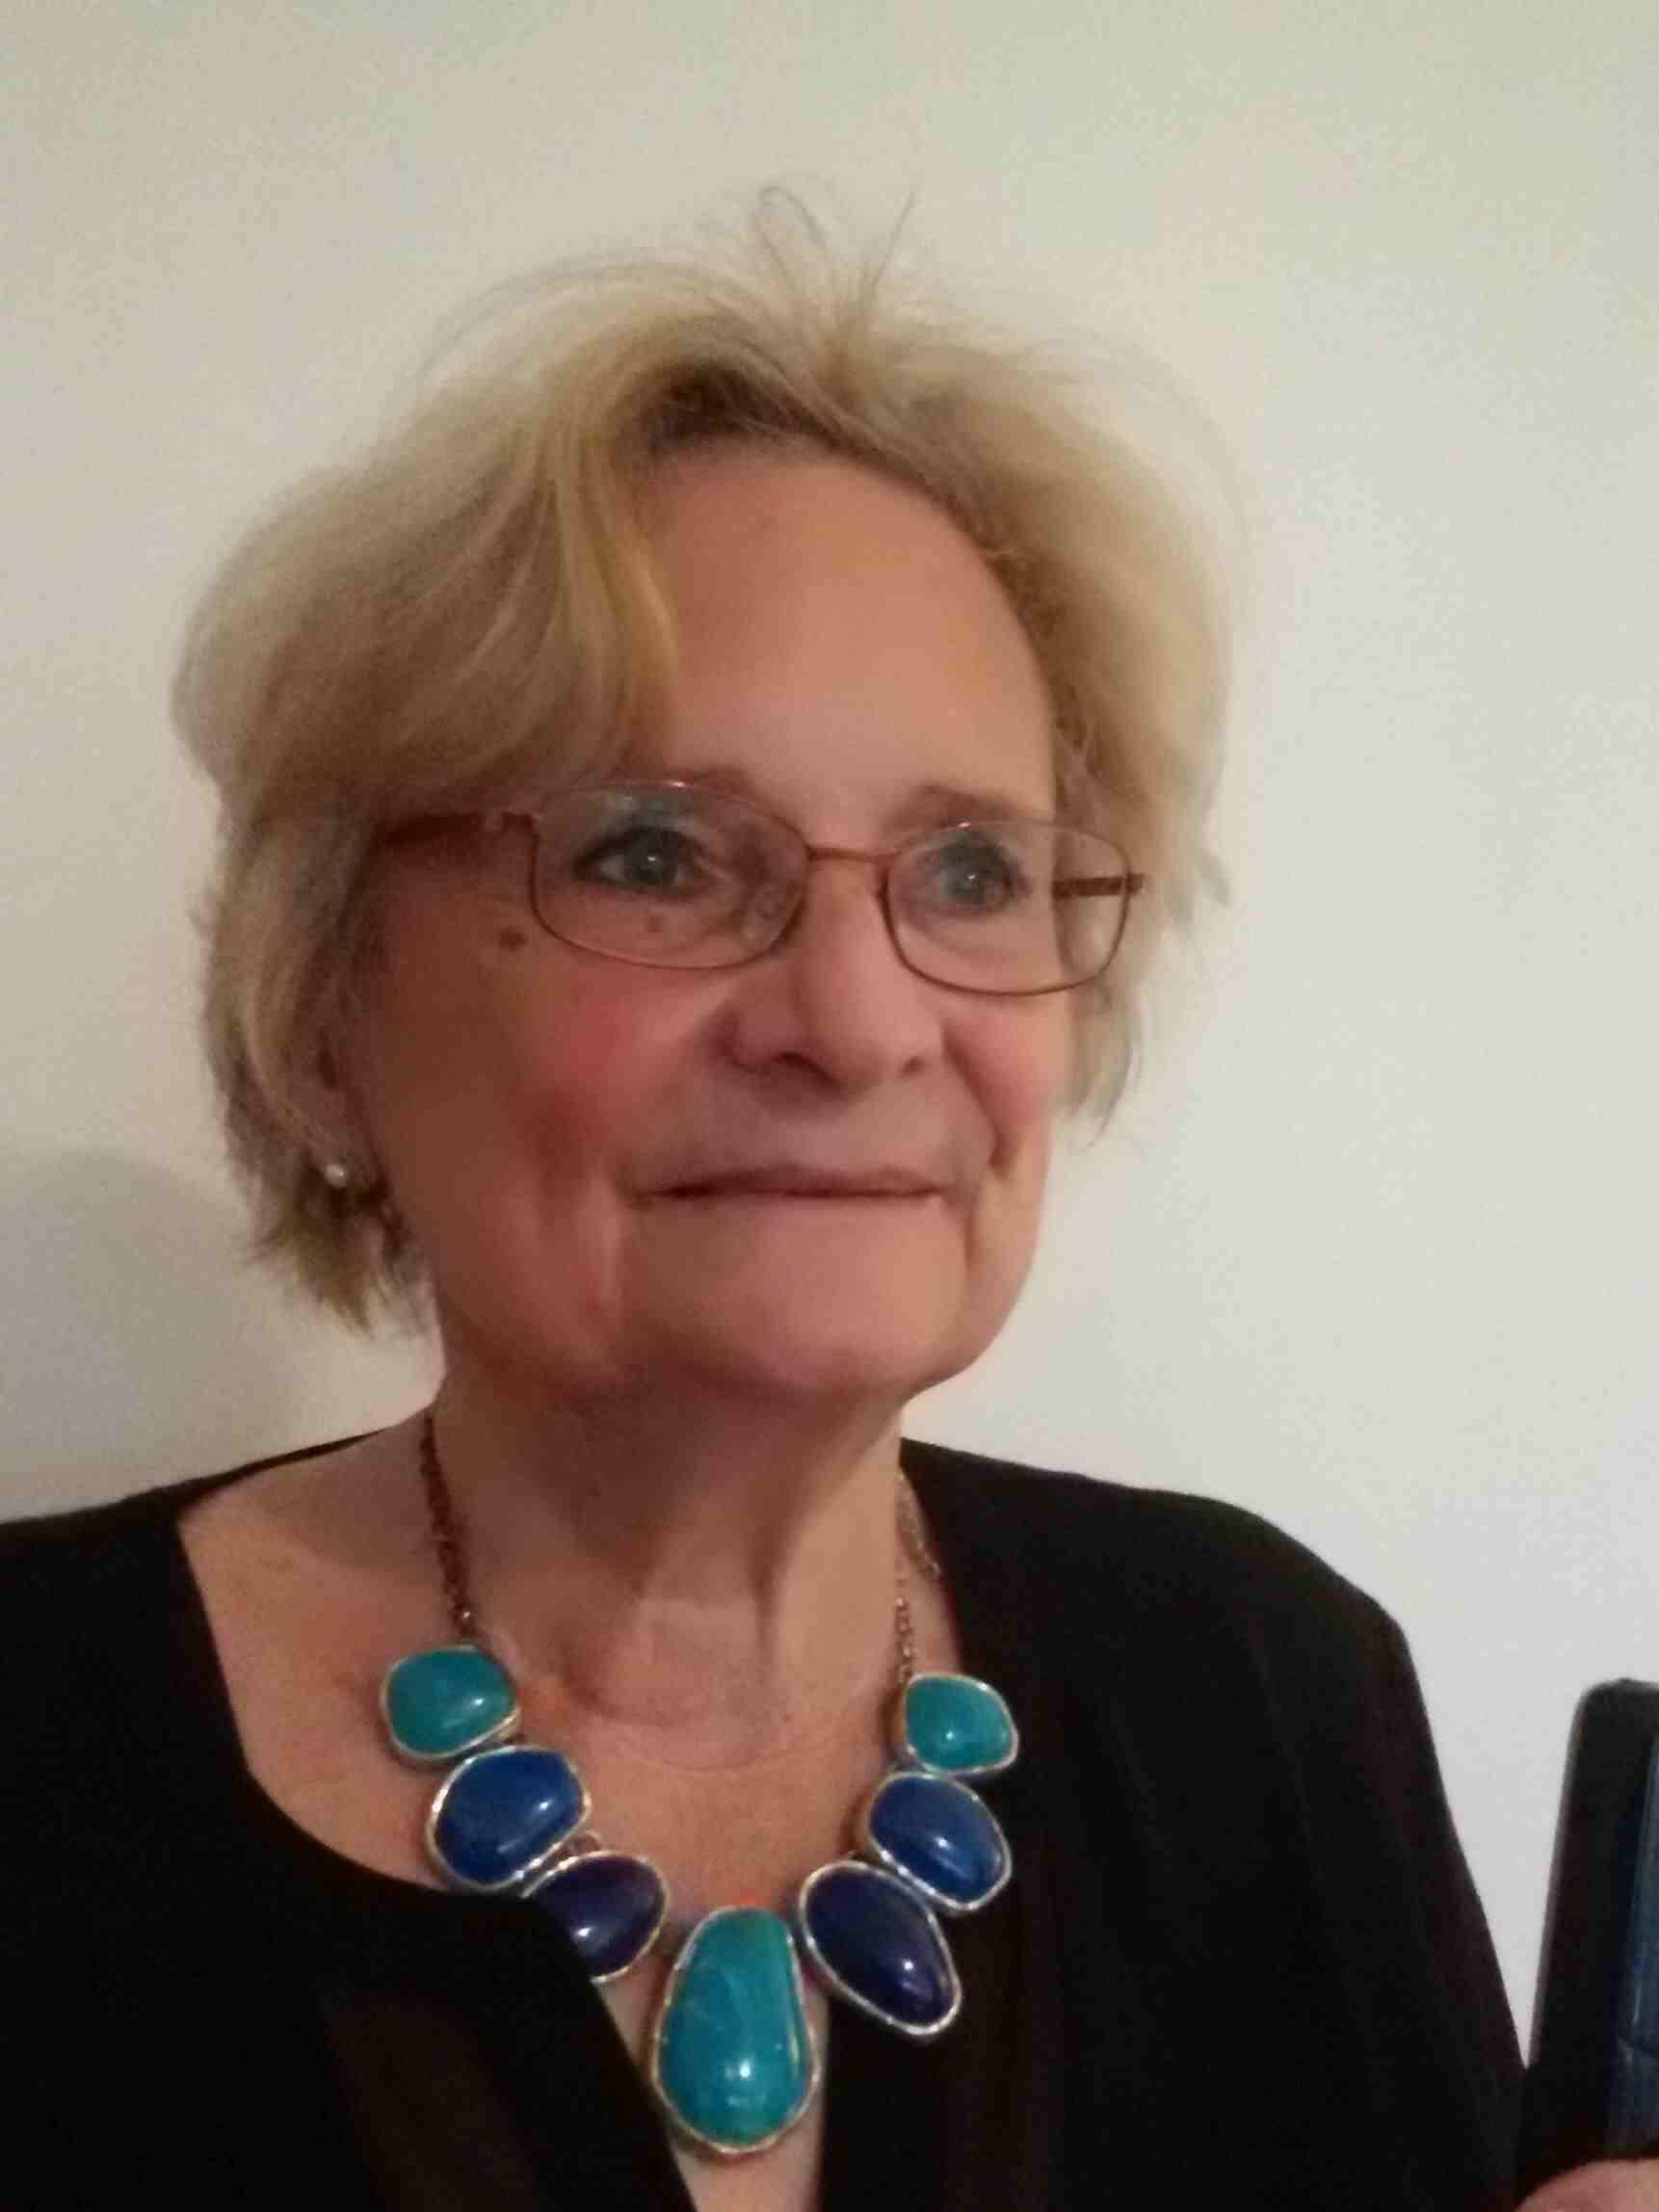 Sybille Krägel